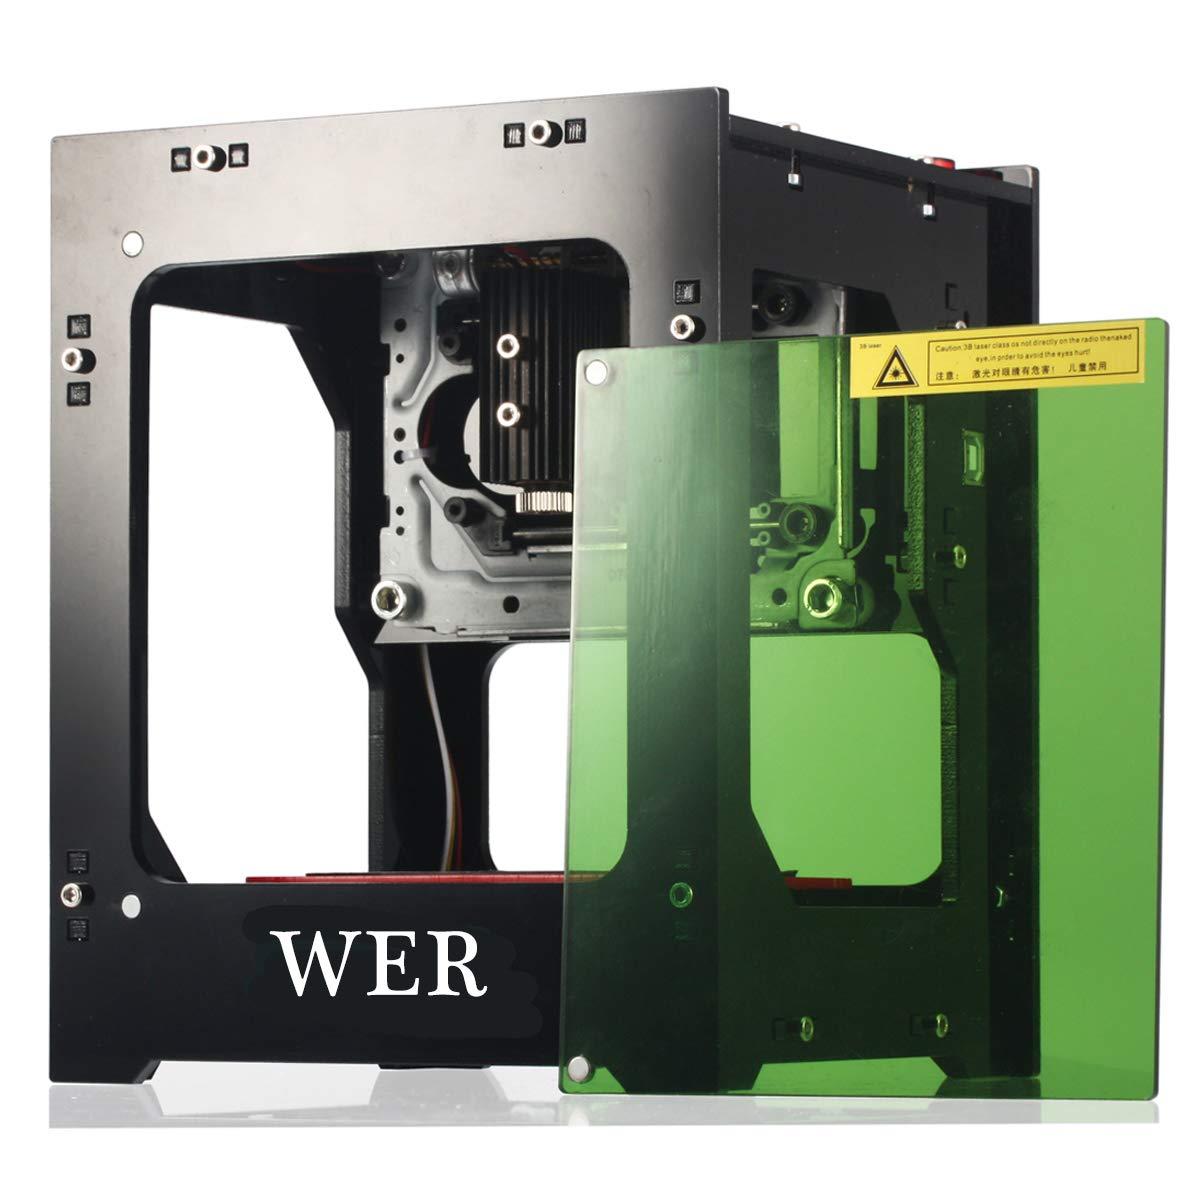 Top 10 Best Laser Engraving Machine Reviews in 2021 8